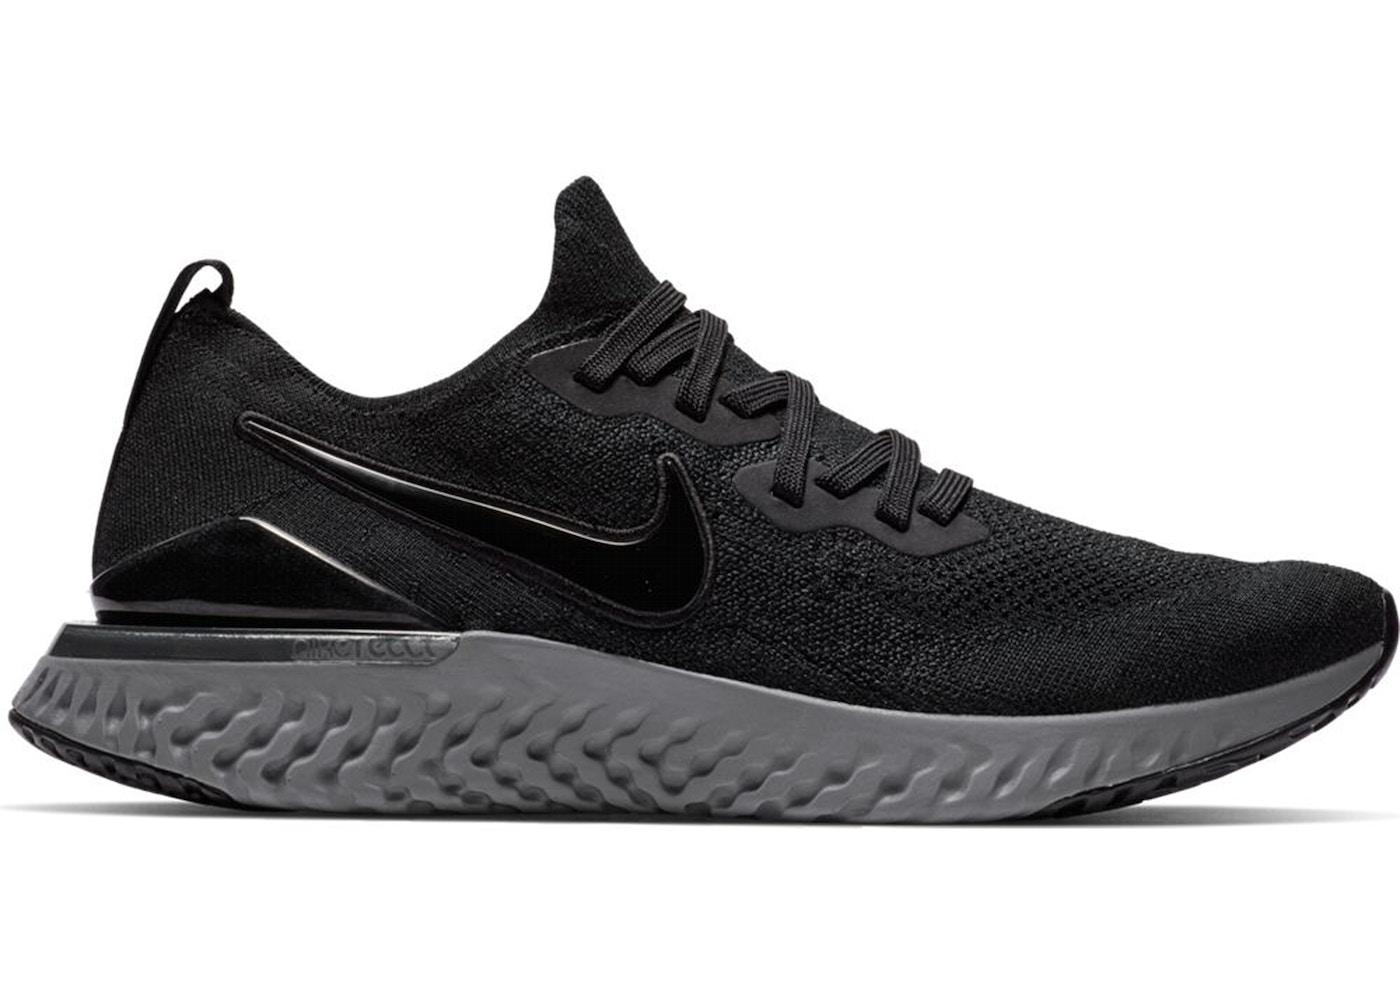 491879aef83c Nike Epic React Flyknit 2 Black Anthracite - BQ8928-001